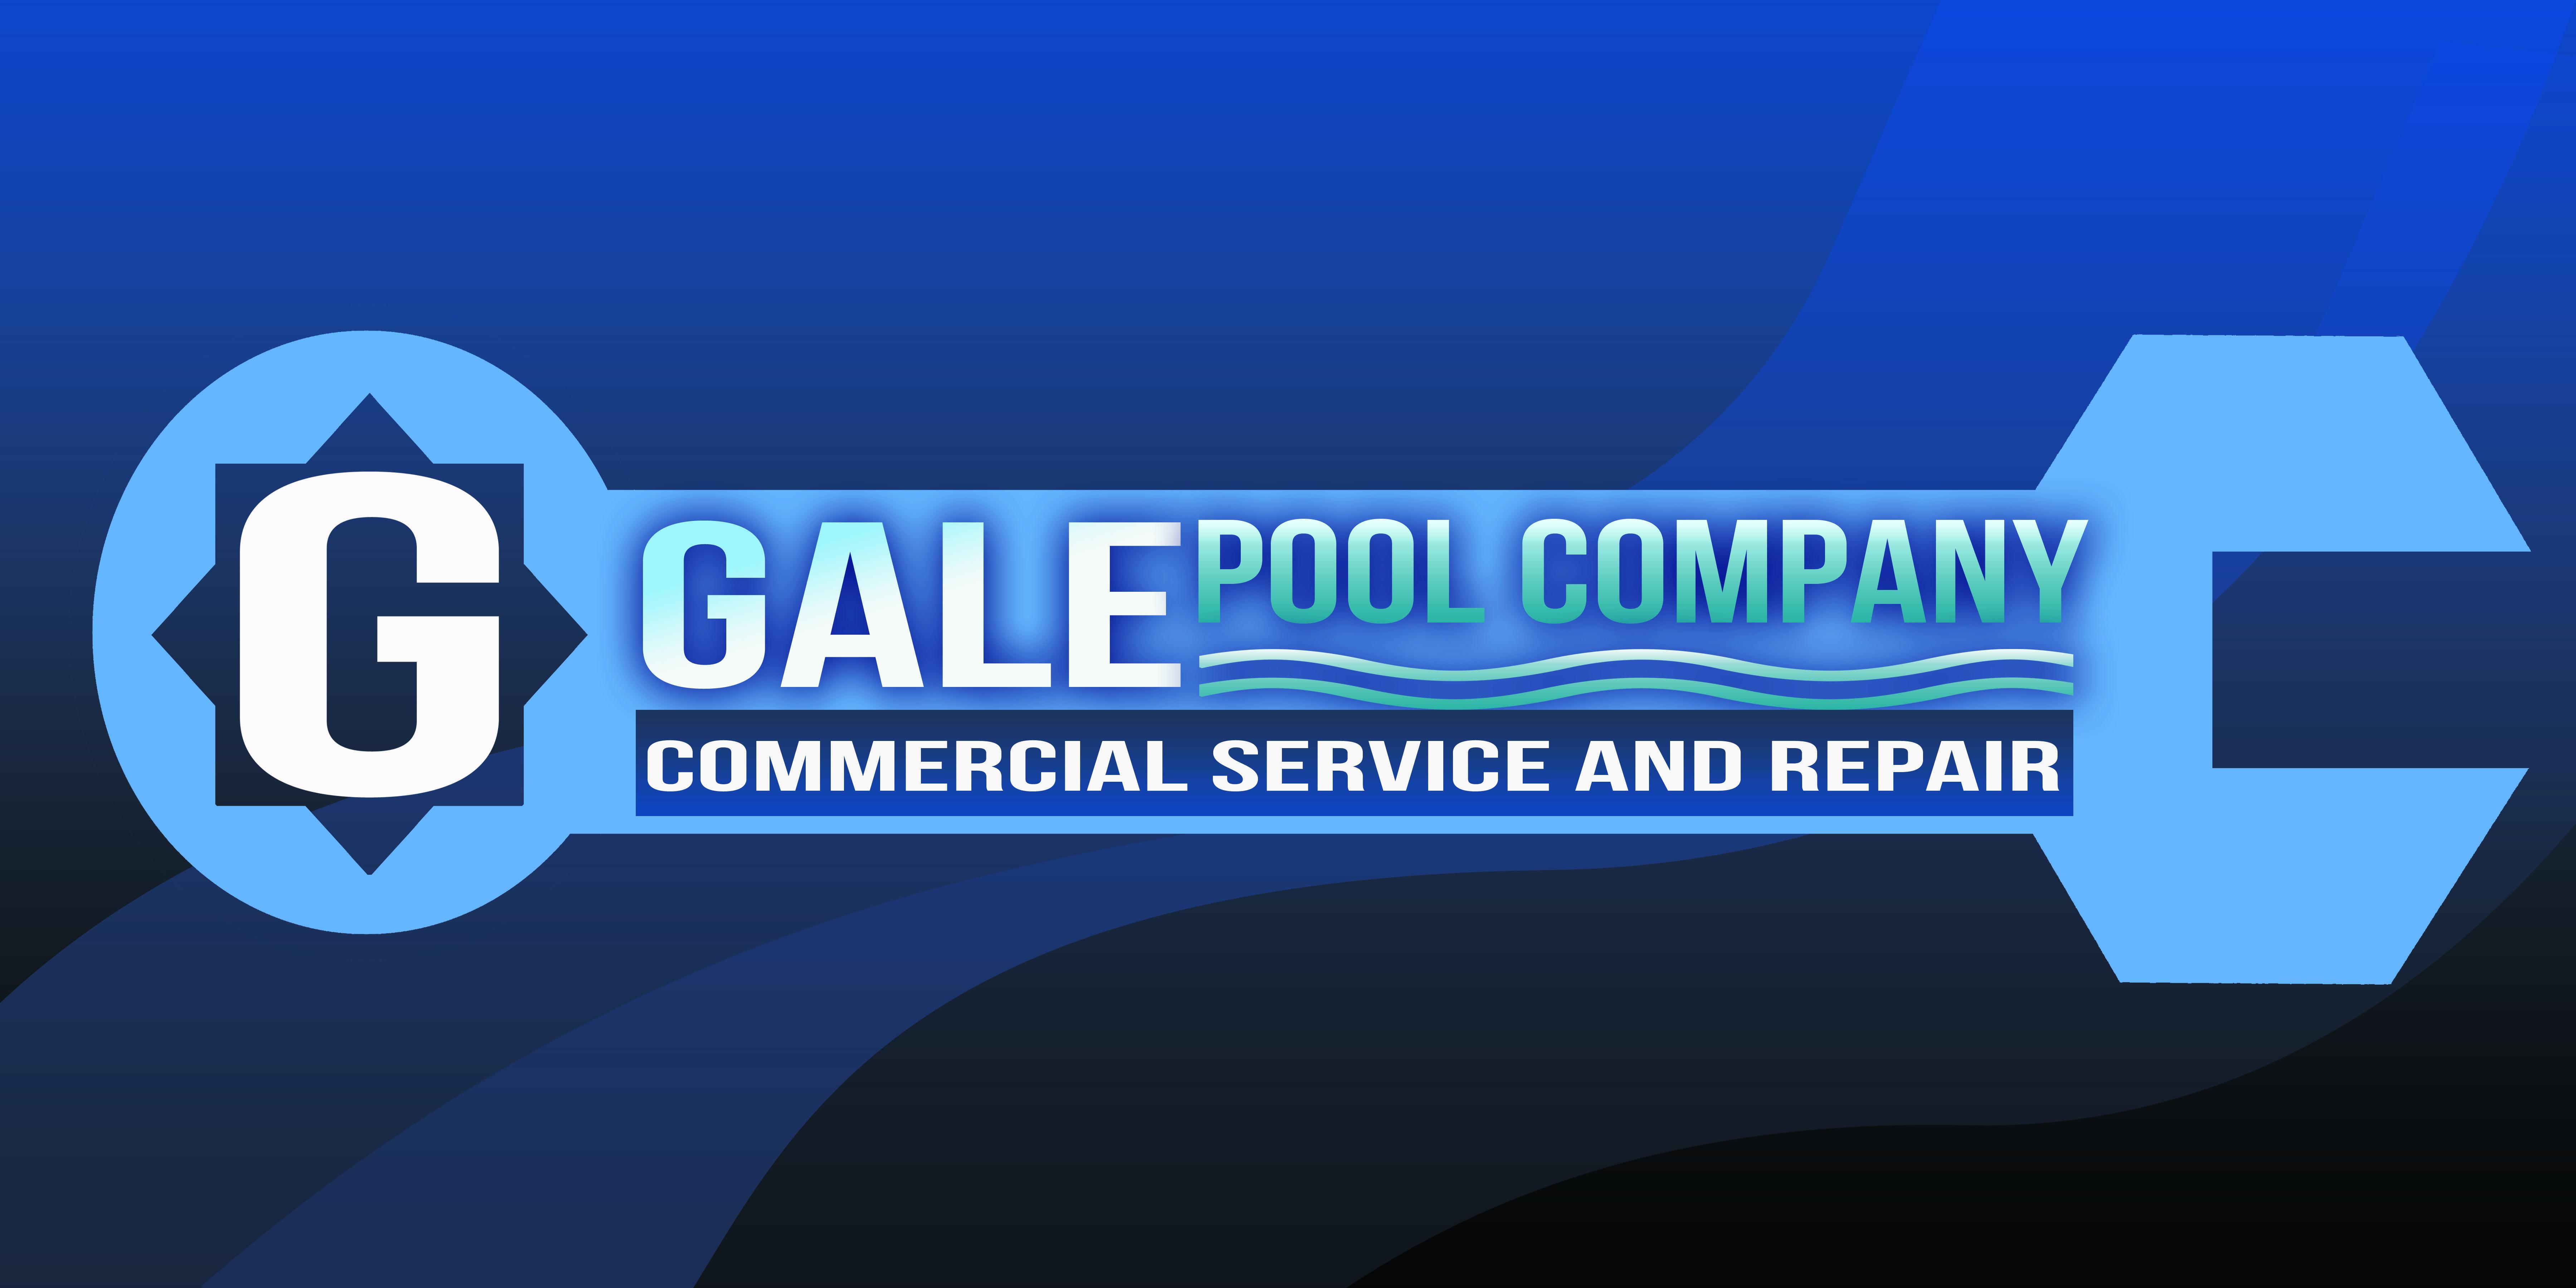 Logo Design by Alan Esclamado - Entry No. 80 in the Logo Design Contest Imaginative Logo Design for Gale Pool Company.